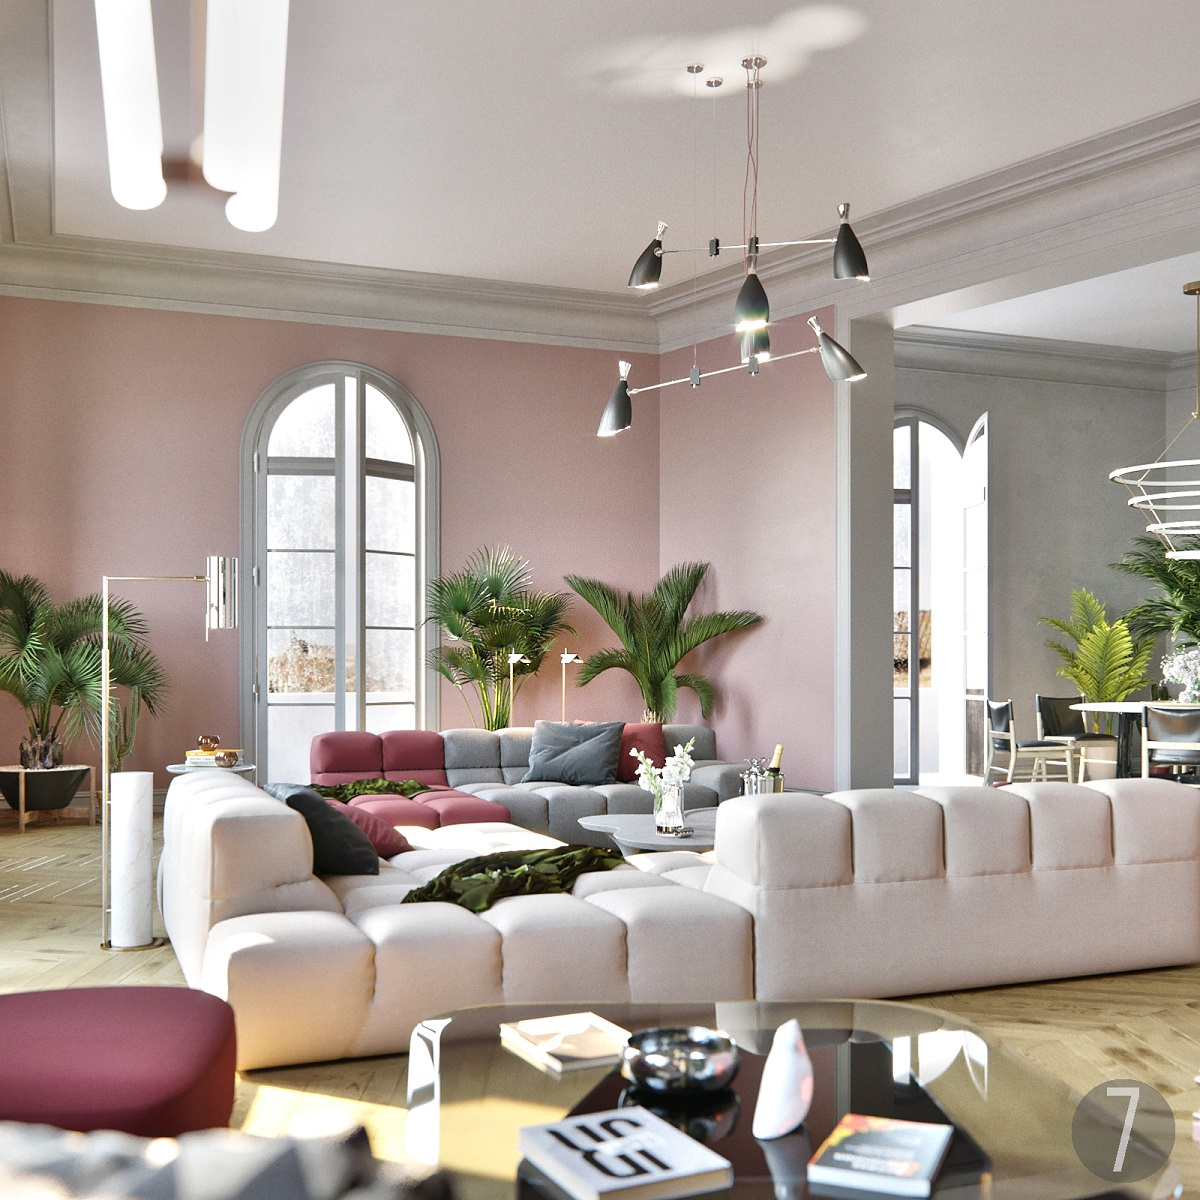 Idee per arredare un soggiorno grande idealista news - Idee per arredare soggiorno ...